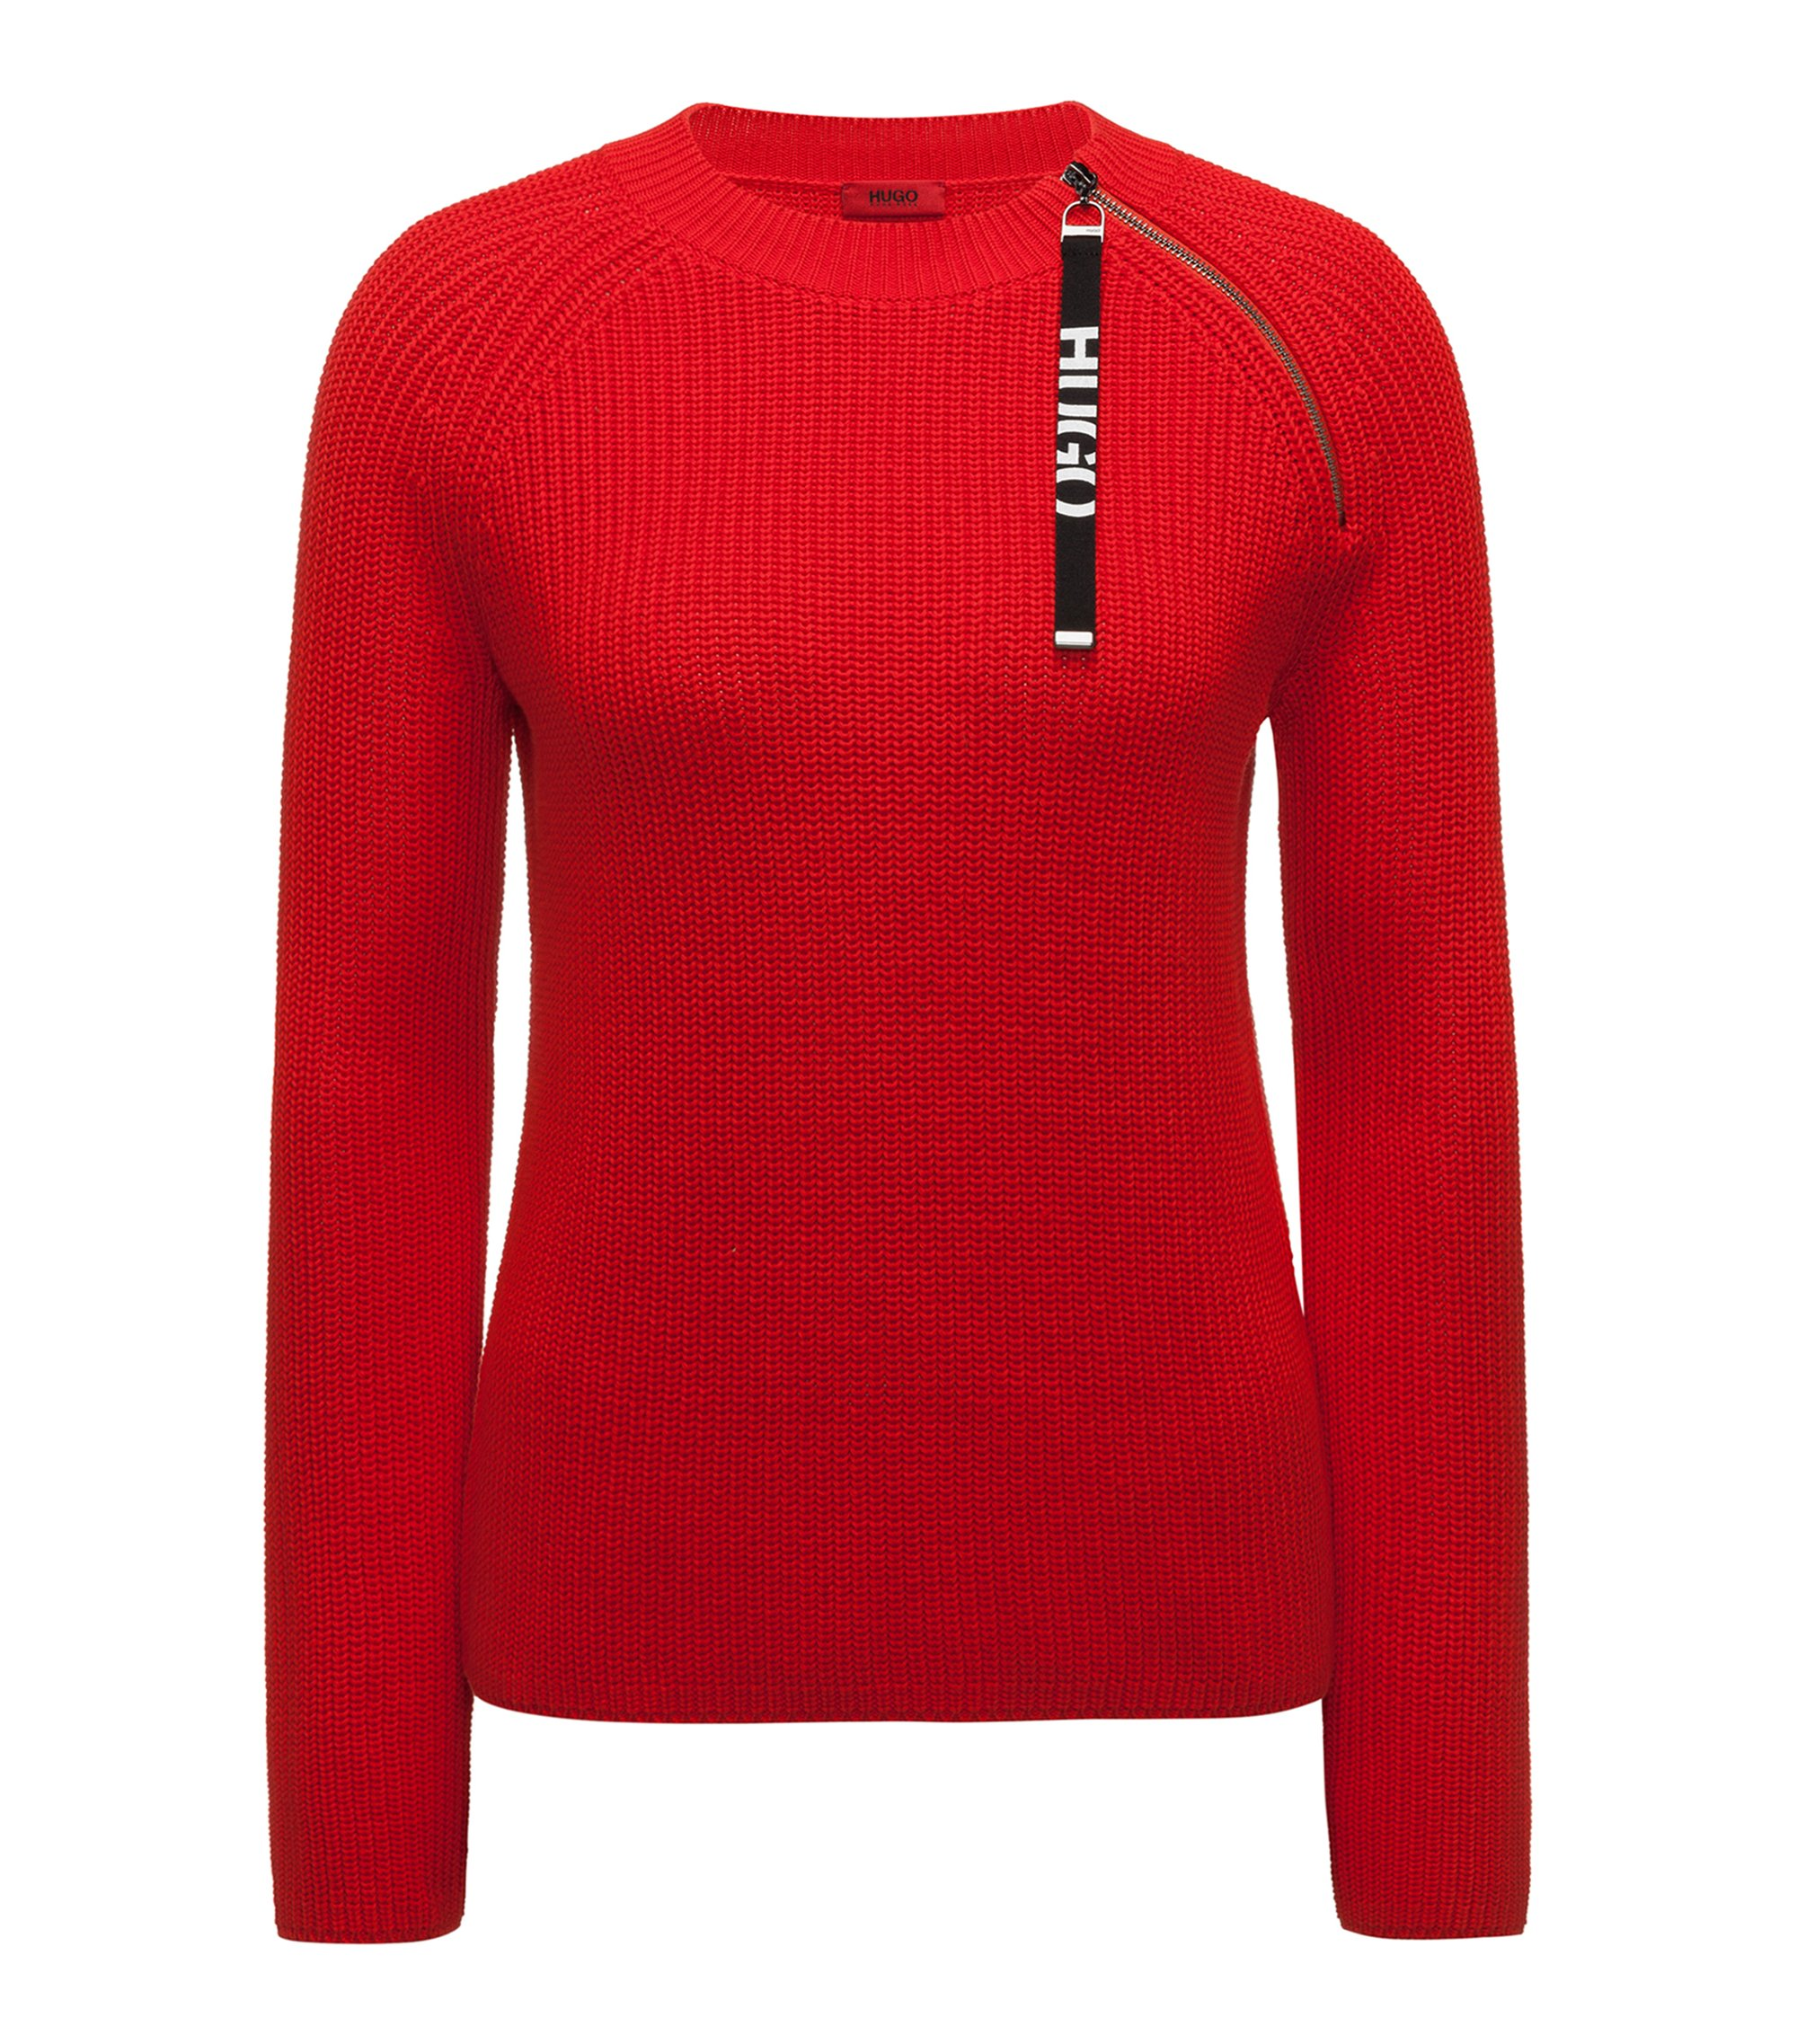 Jersey de algodón con costura cubierta con cinta de logos, Rojo